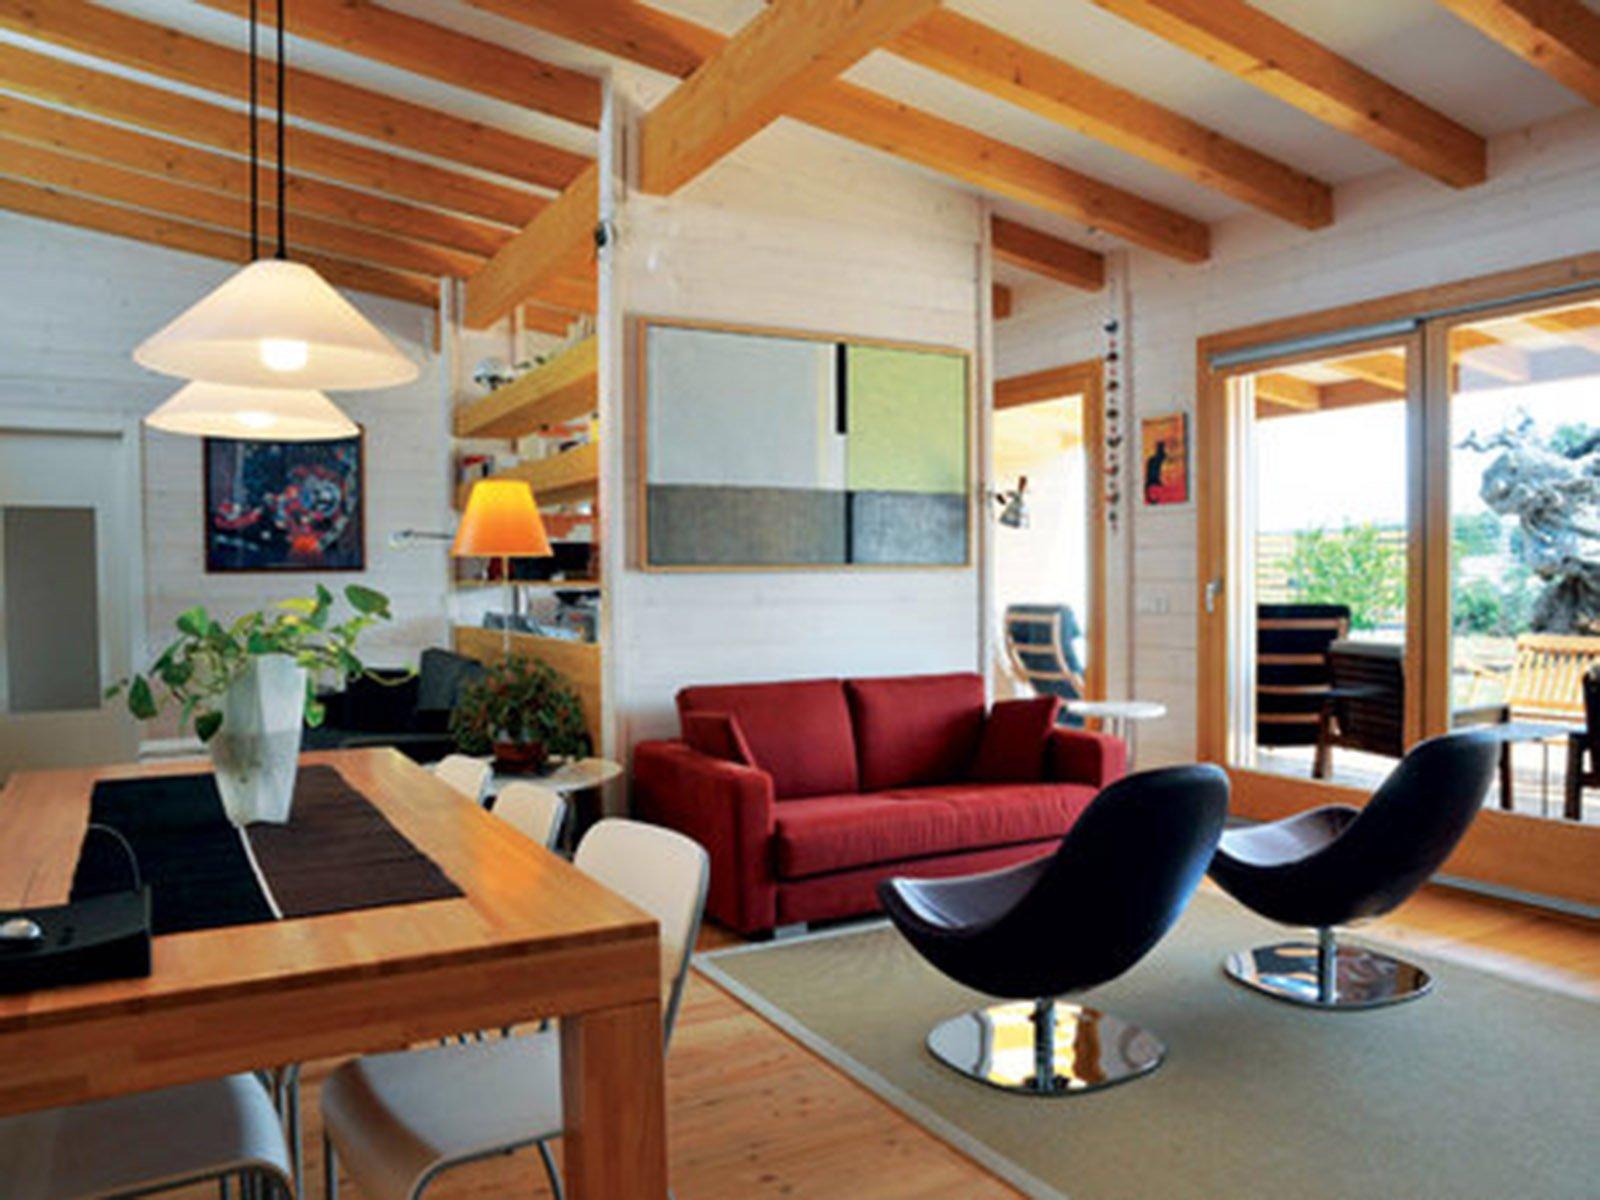 Bioarchitettura e case ecologiche prefabbricate in legno for Case in legno interni